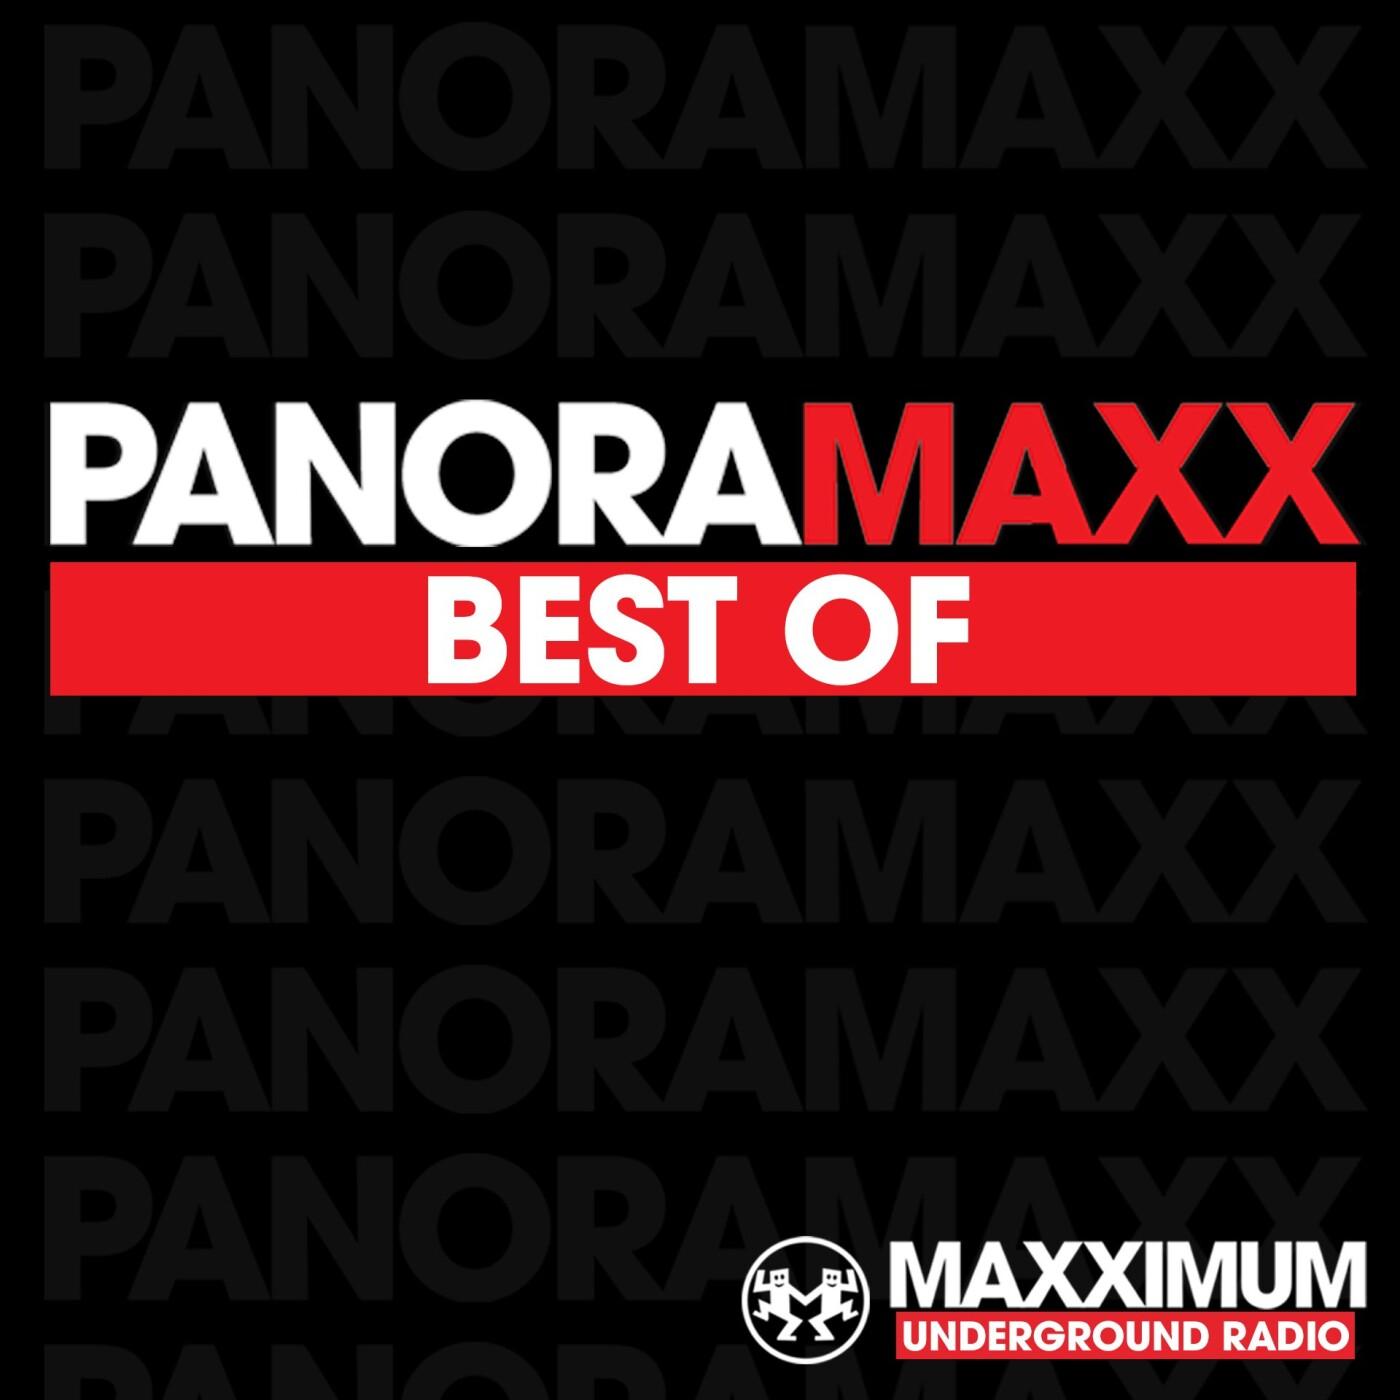 PANORAMAXX BEST OF : BLANKA